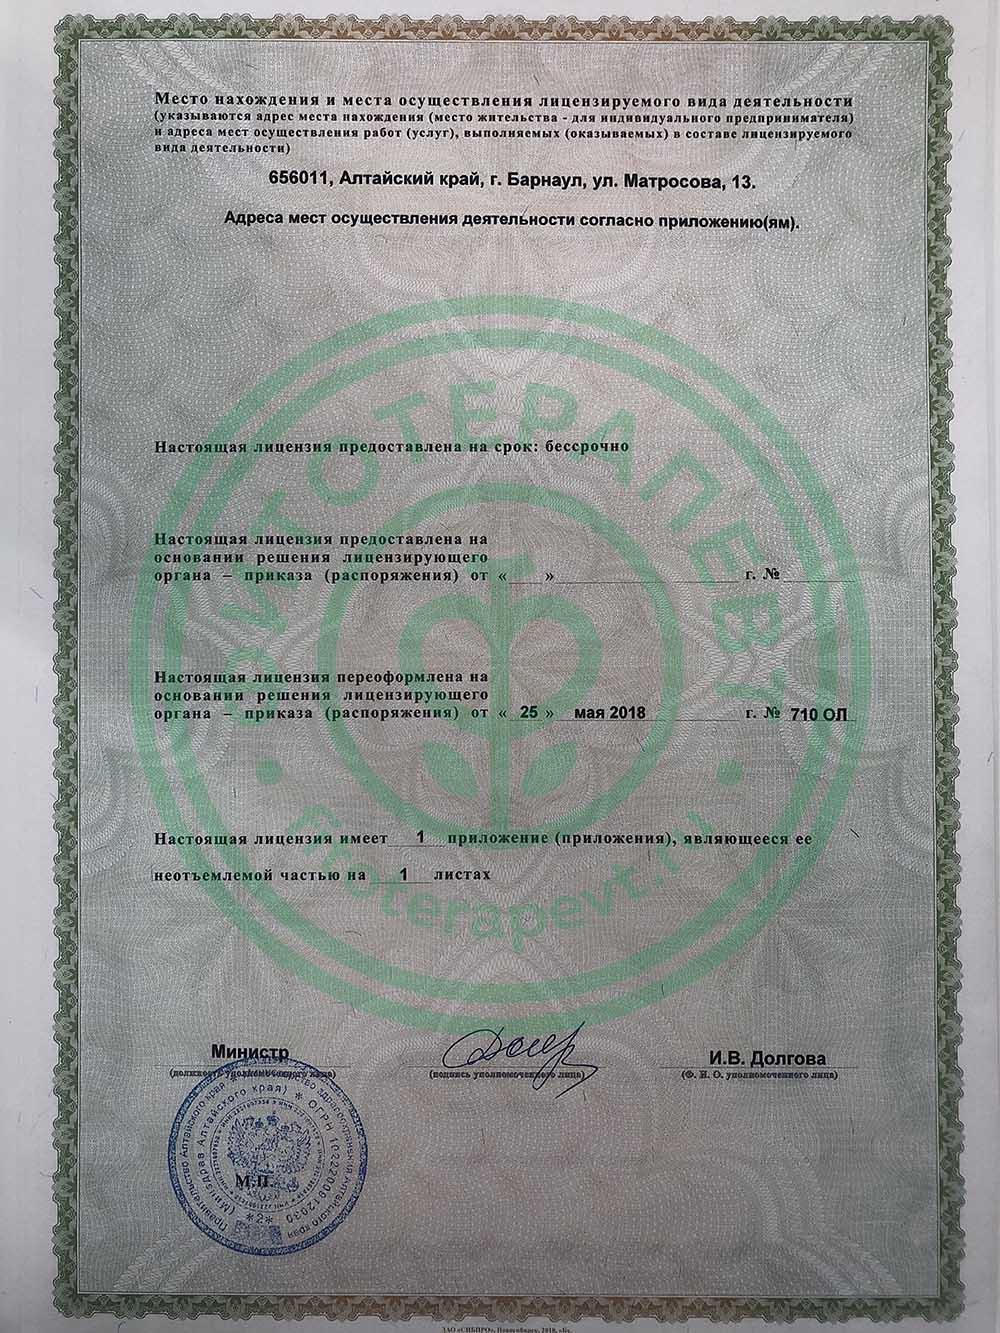 Деларируемый адрес на медицинскую деятельность Алфита